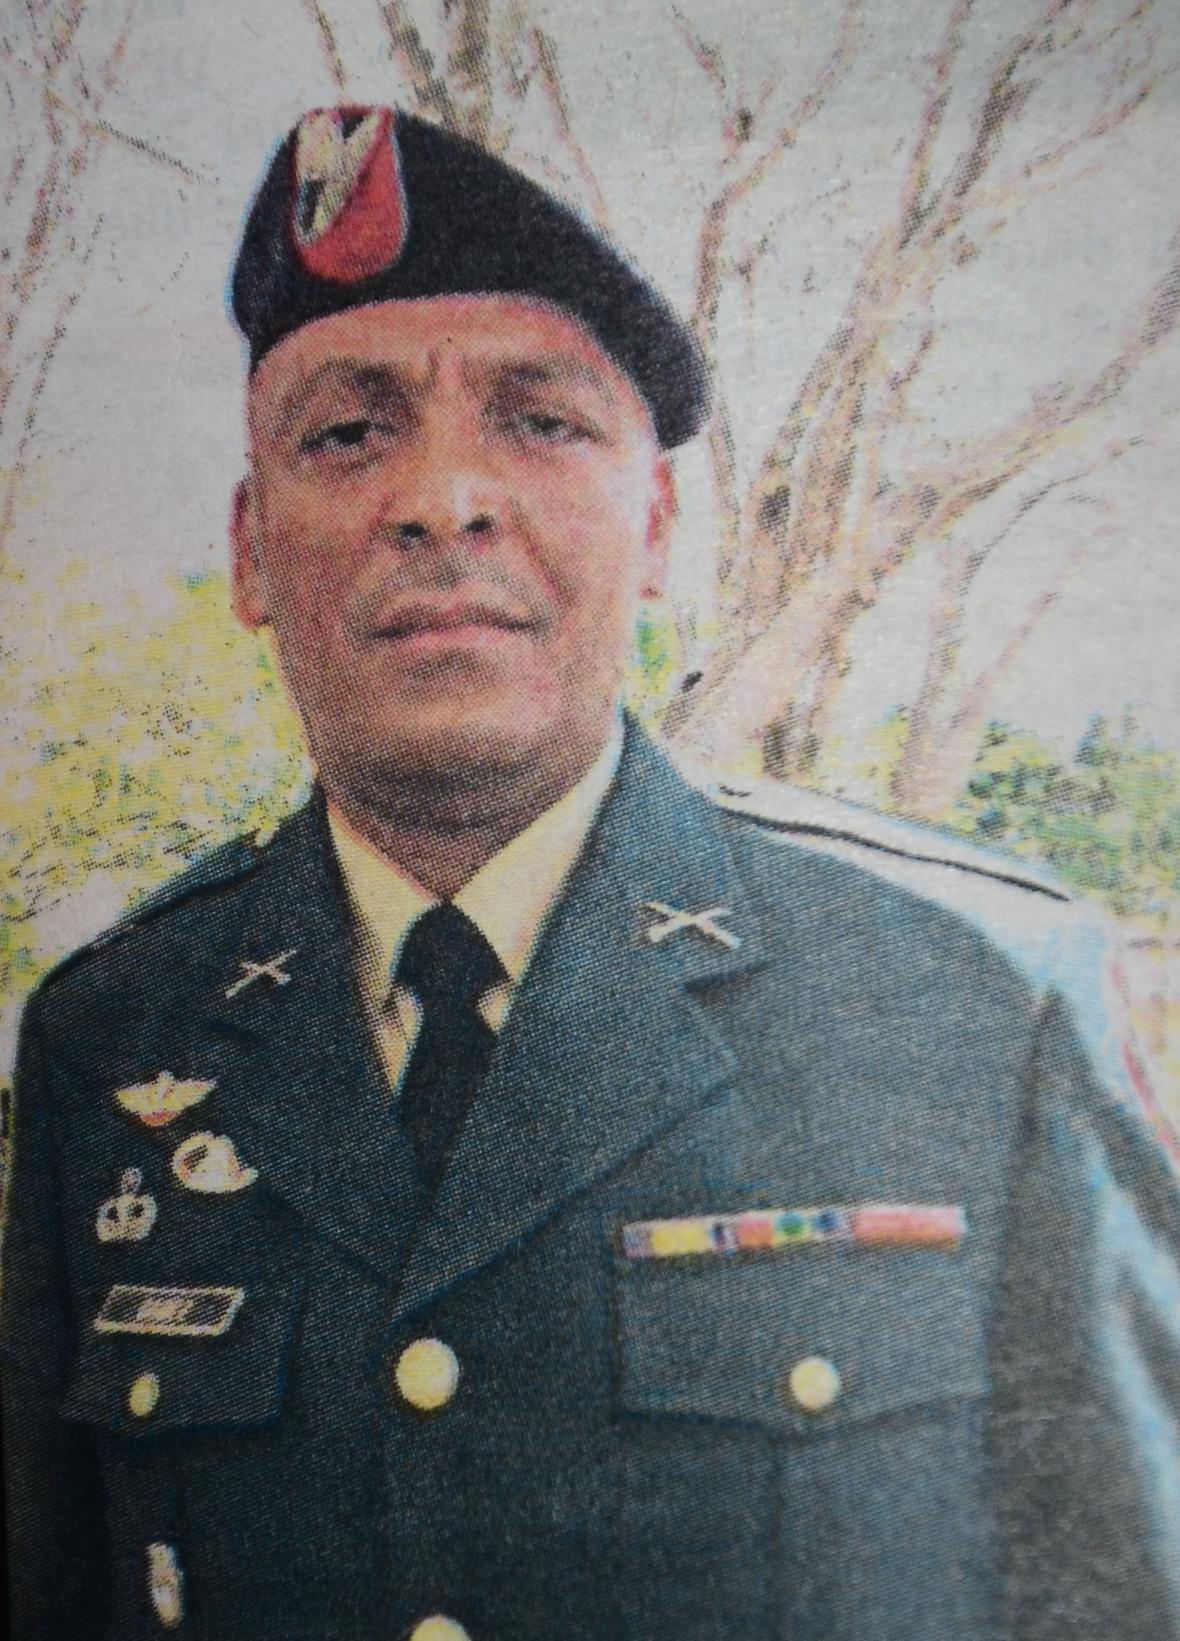 Julio Eliécer Gámez, sargento del Ejército asesinado.